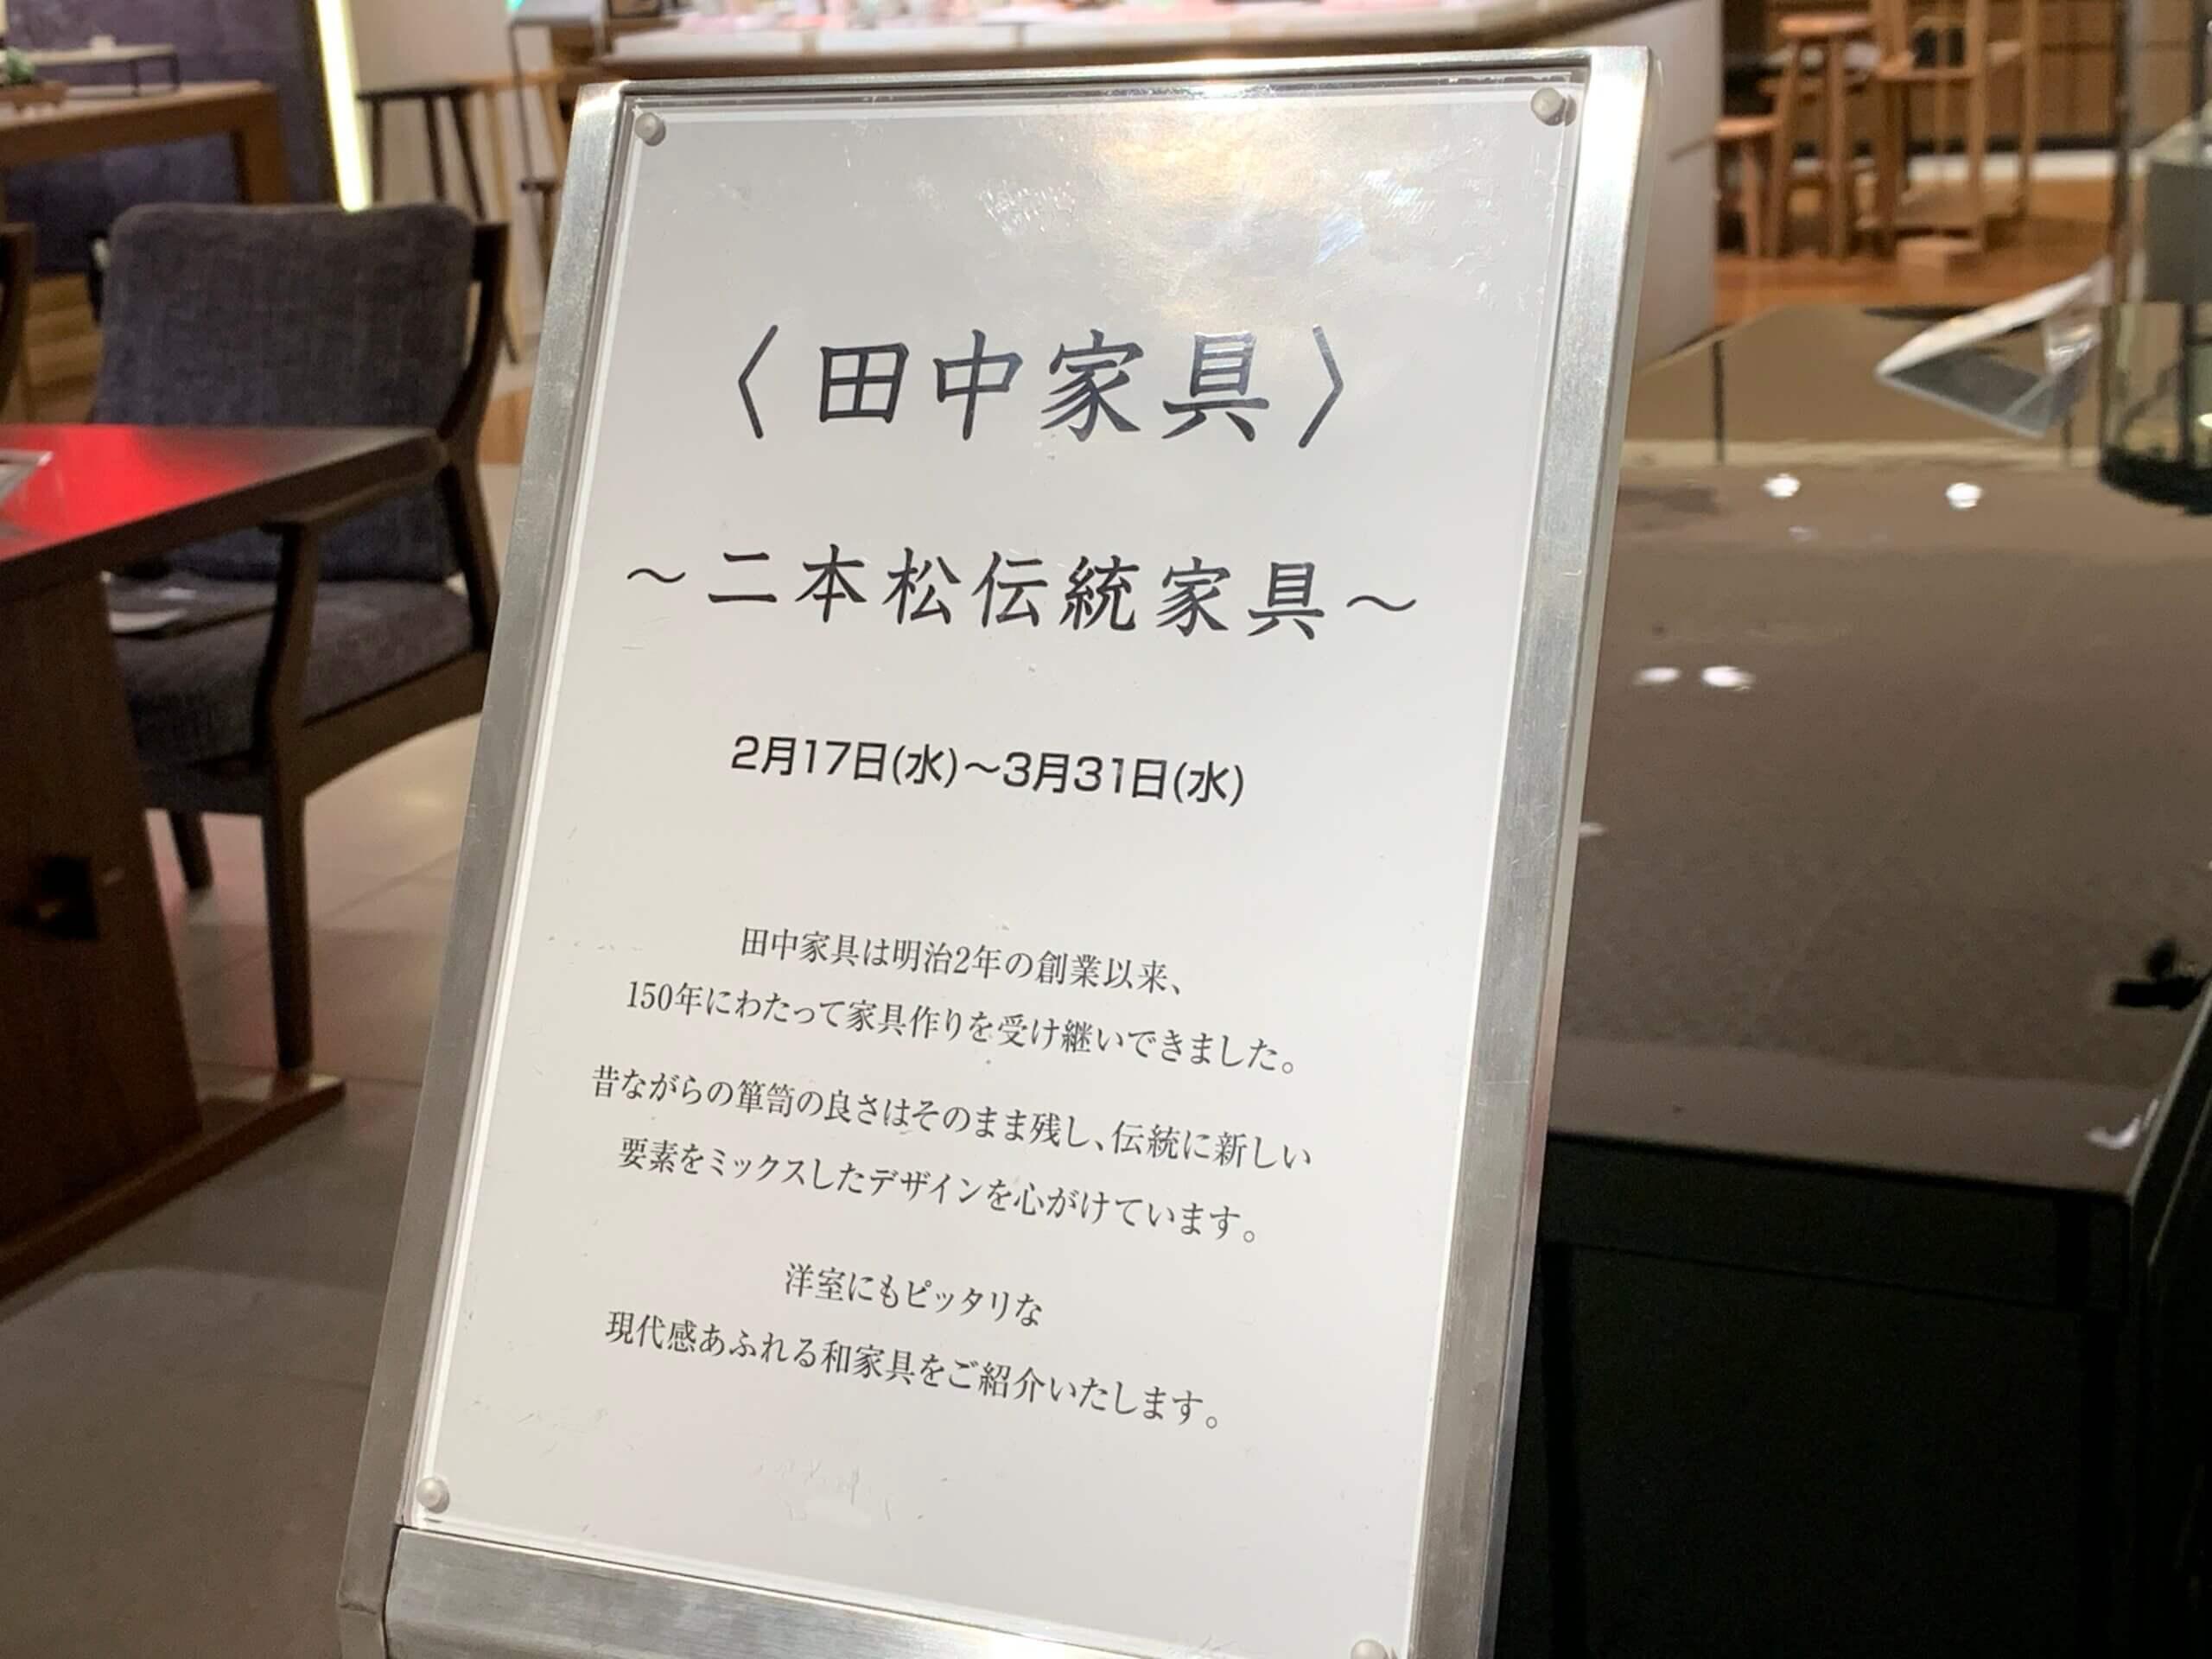 田中家具@銀座三越